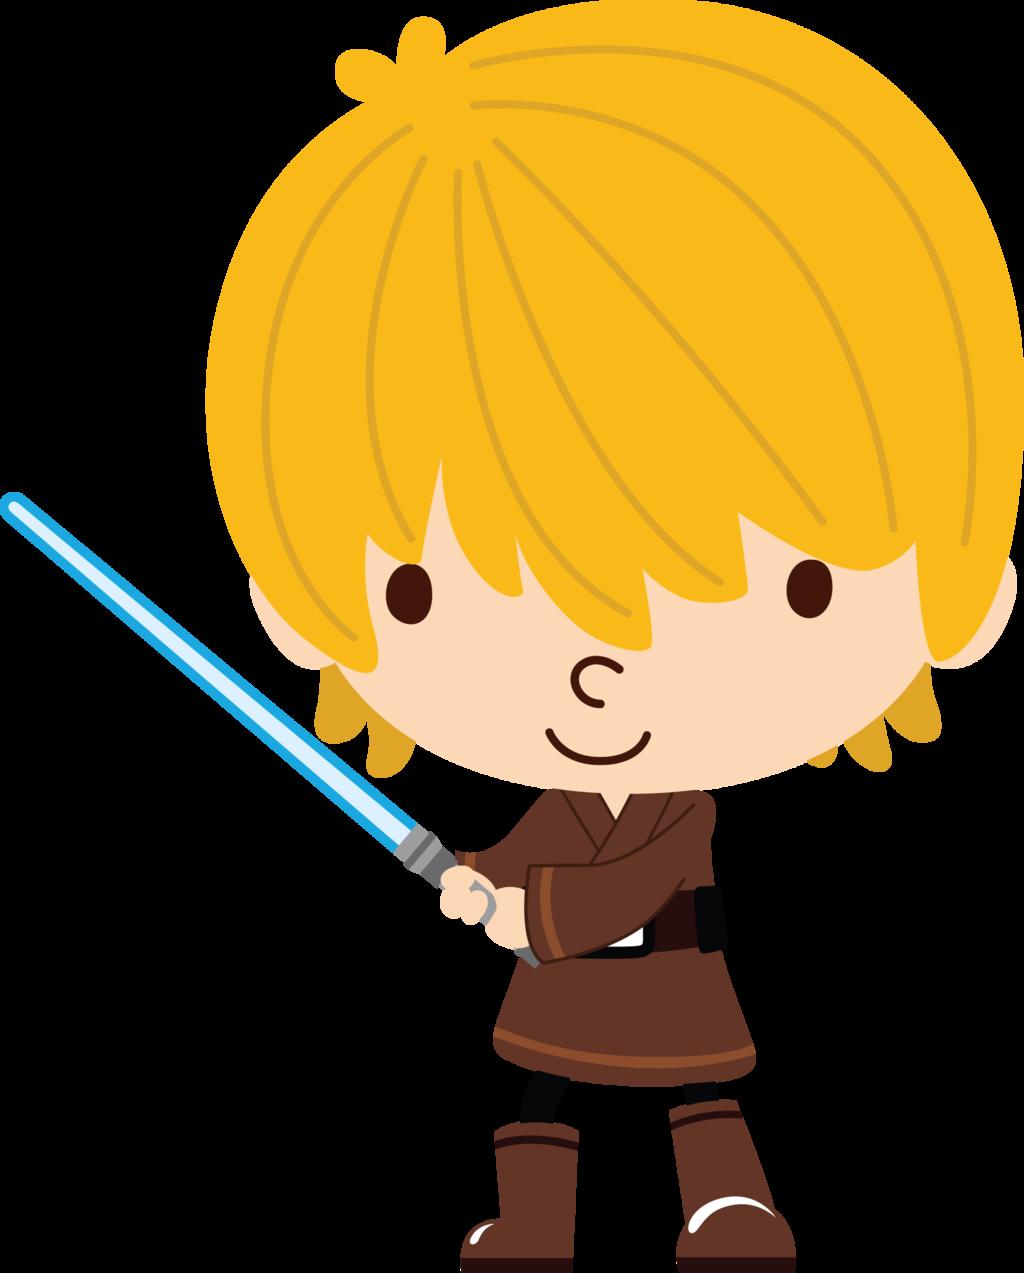 Starwars clipart cp30. Luke skywalker cute skywalking